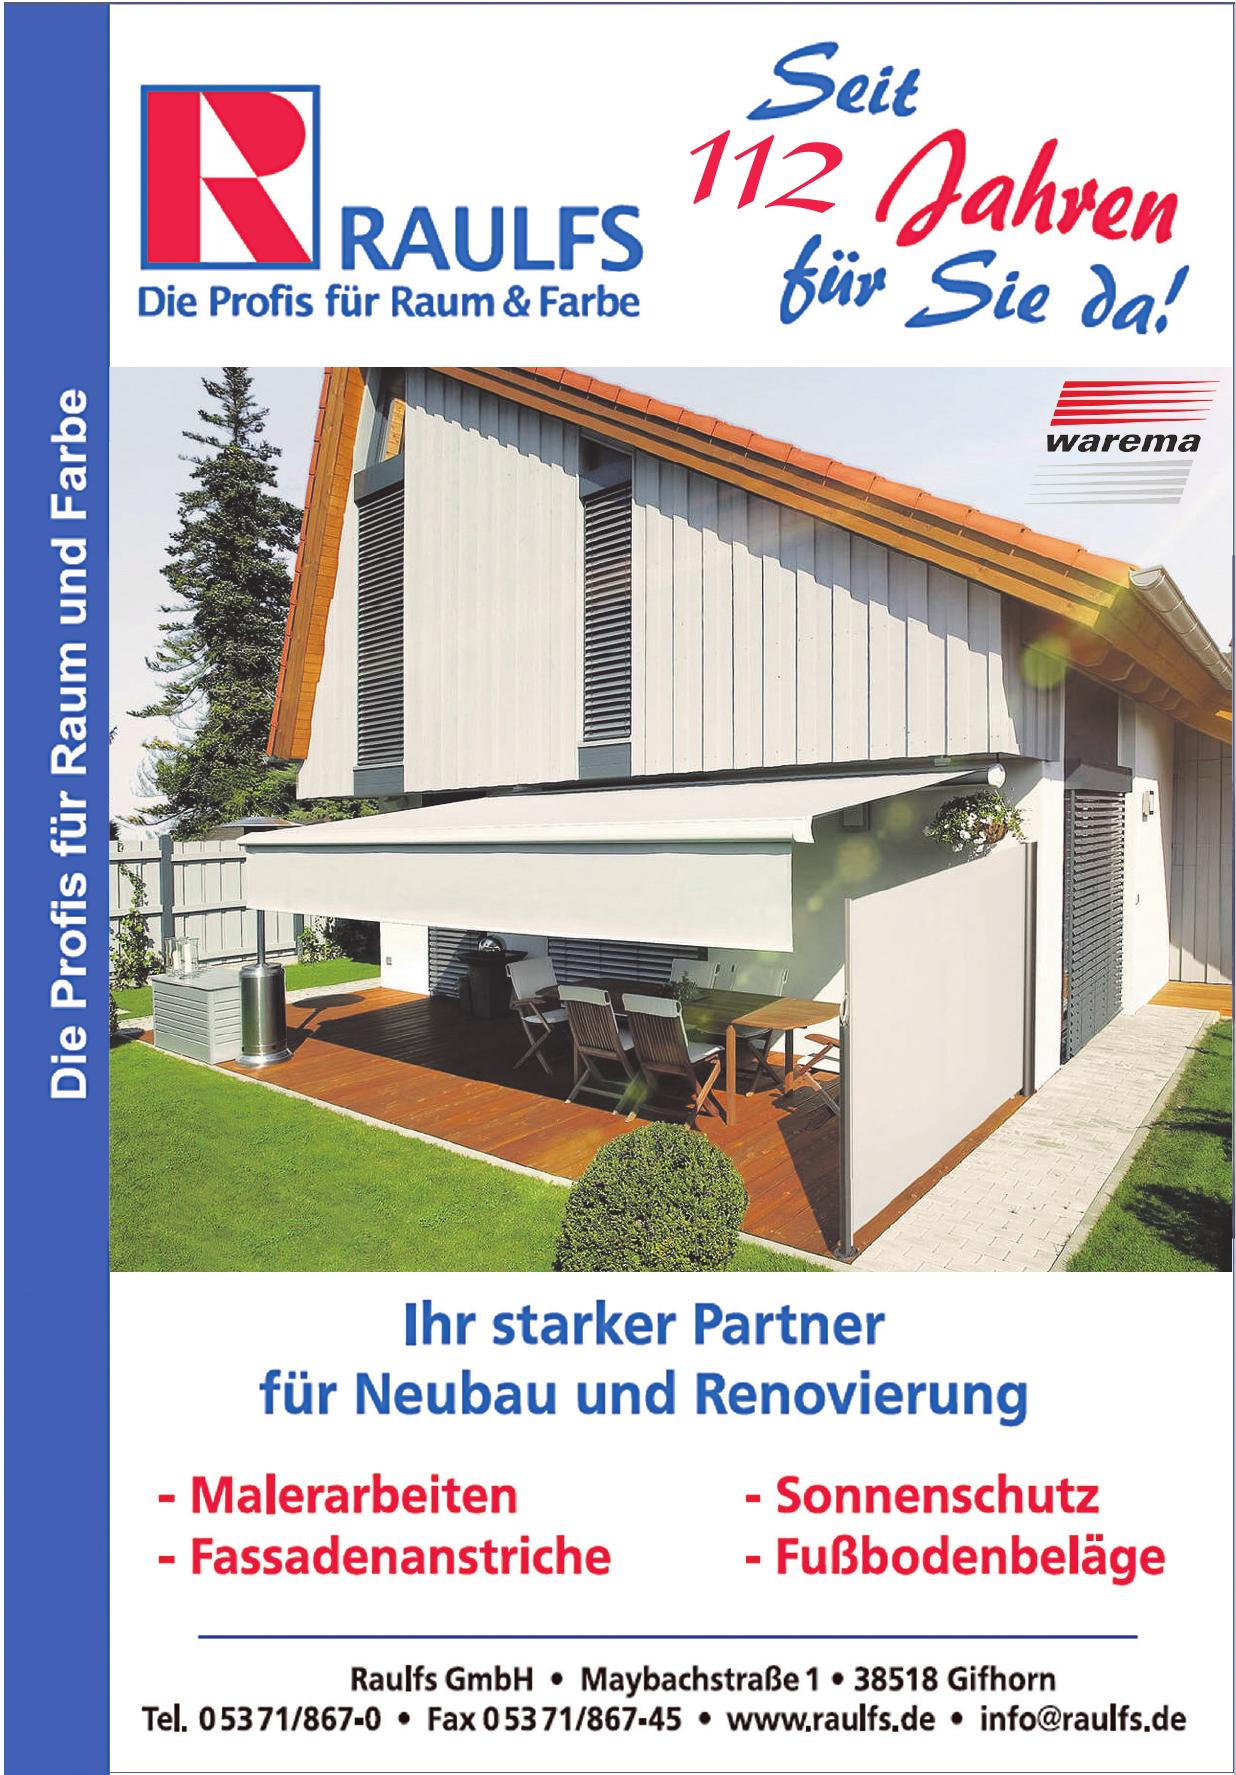 Raulfs GmbH